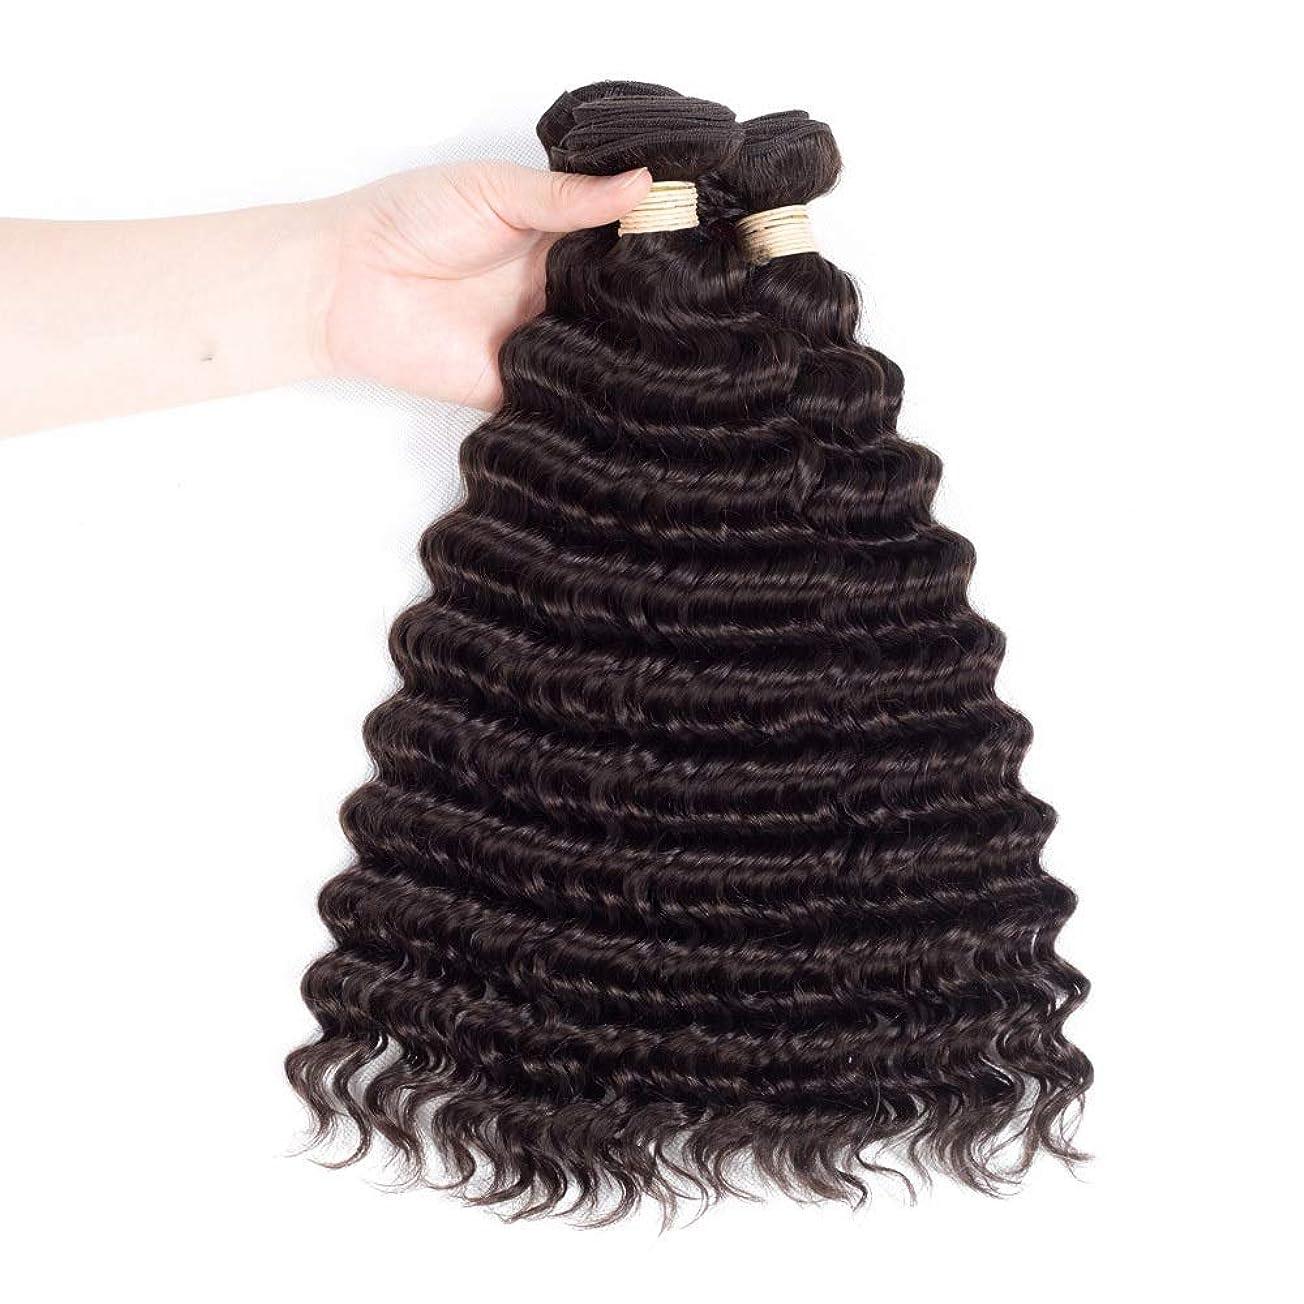 狂う口述石化するBOBIDYEE 人間の髪の毛の束ブラジルディープウェーブ本物の人間の髪の毛の織り方#2ダークブラウン(8